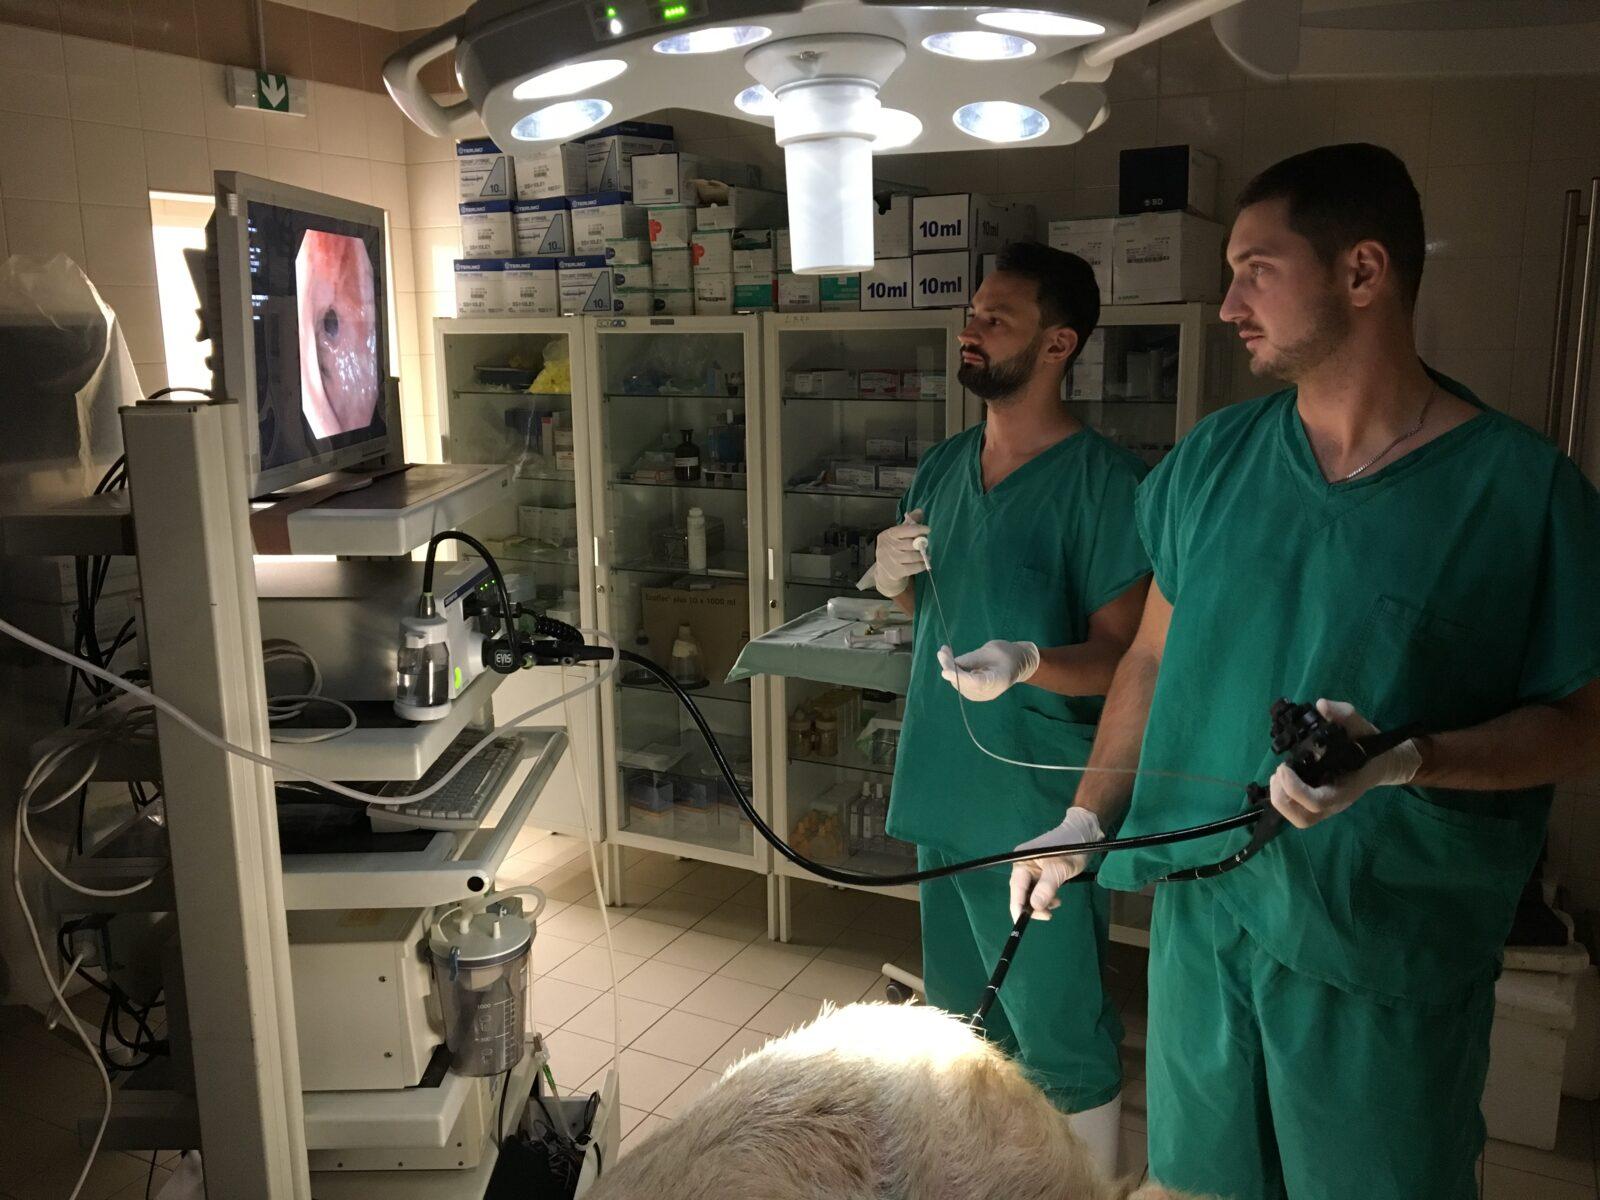 Nové minimálně invazivní možnosti léčby pooperační recidivy Crohnovy choroby na experimentálním modelu - foto 1